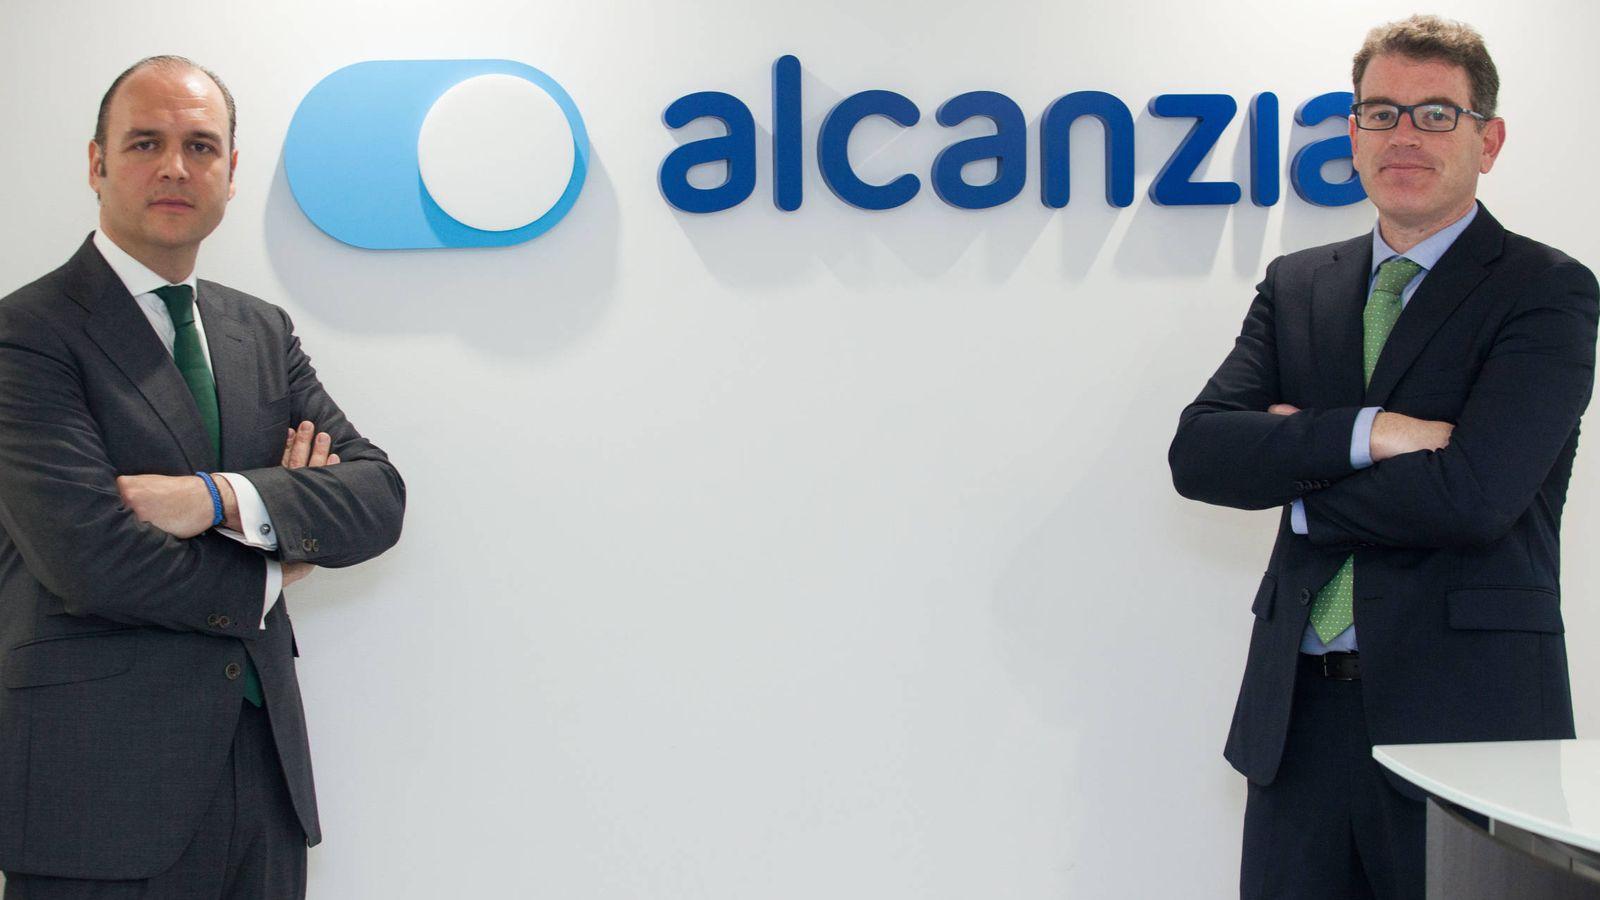 Foto: Roberto Giner, socio y director de Negocio de Alcanzia, y Rafa Montagud, director de Marketing.